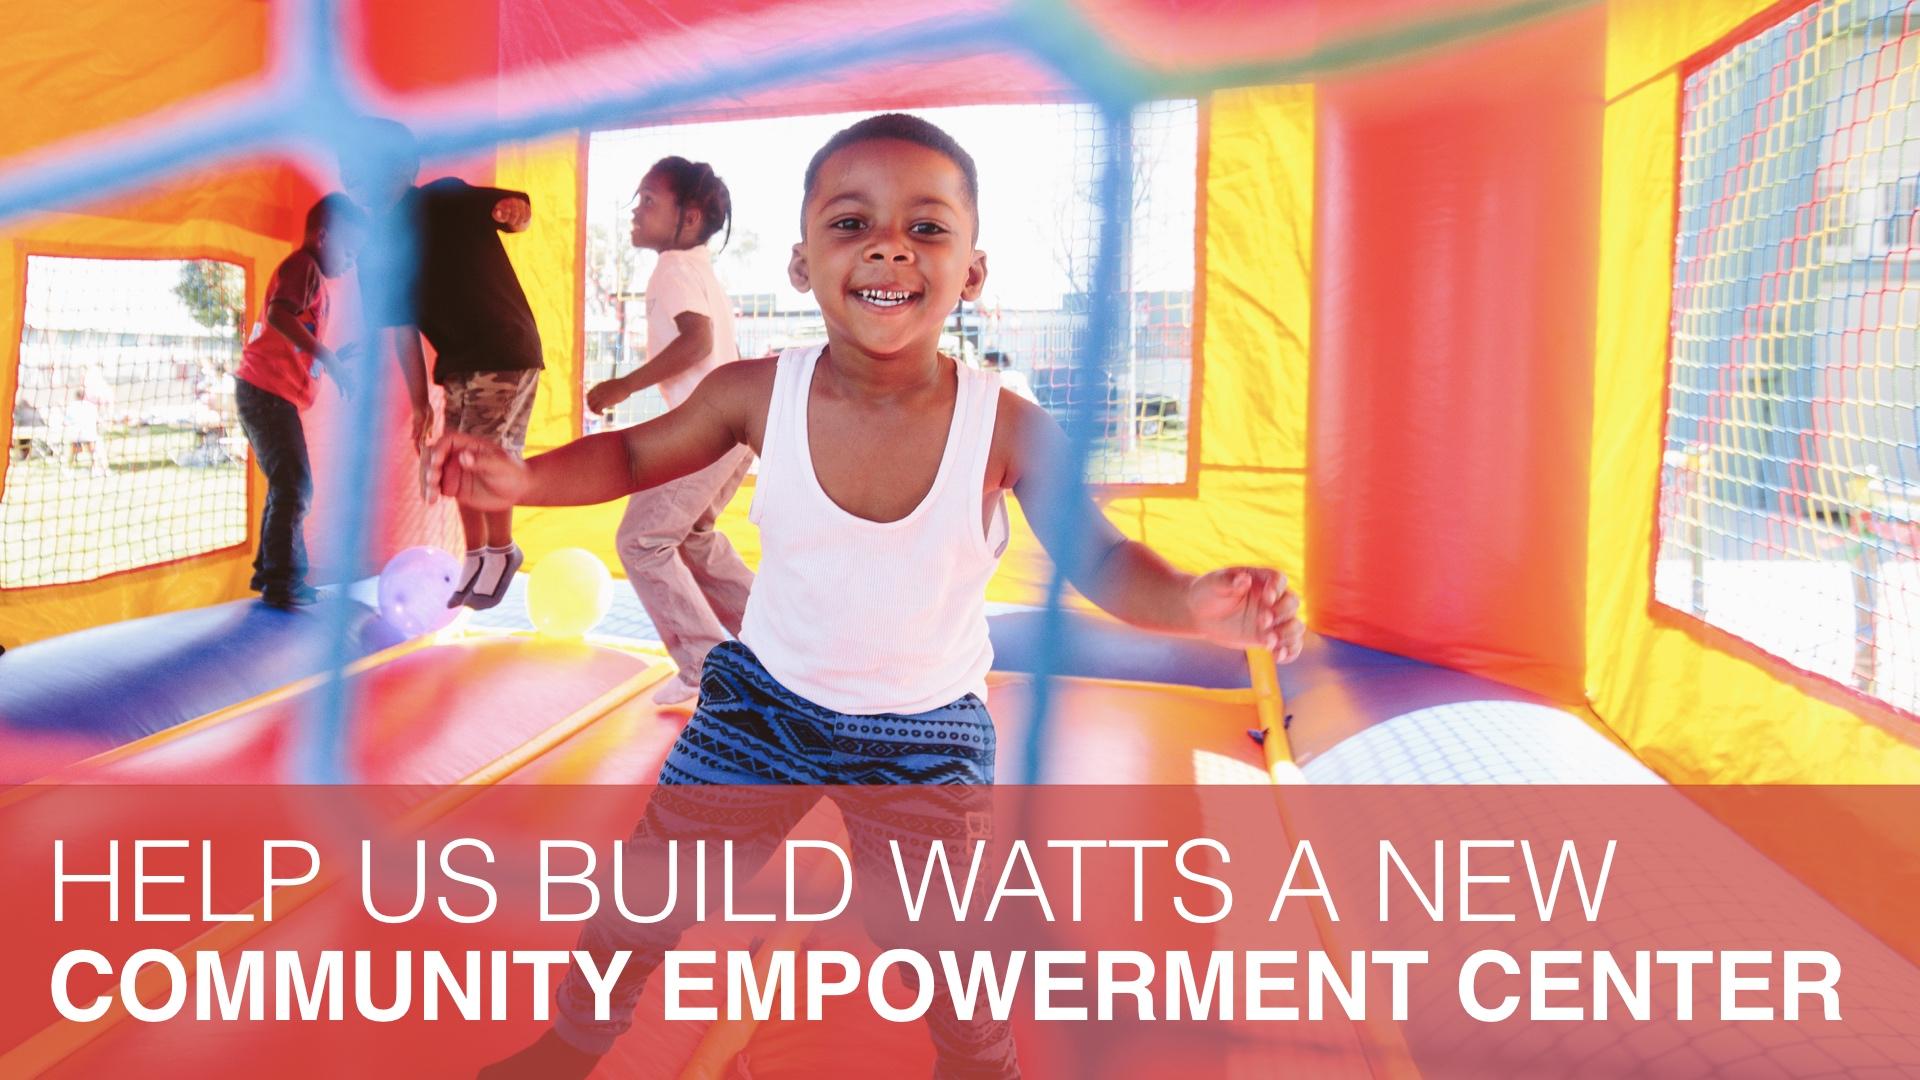 www.youthmentor.org